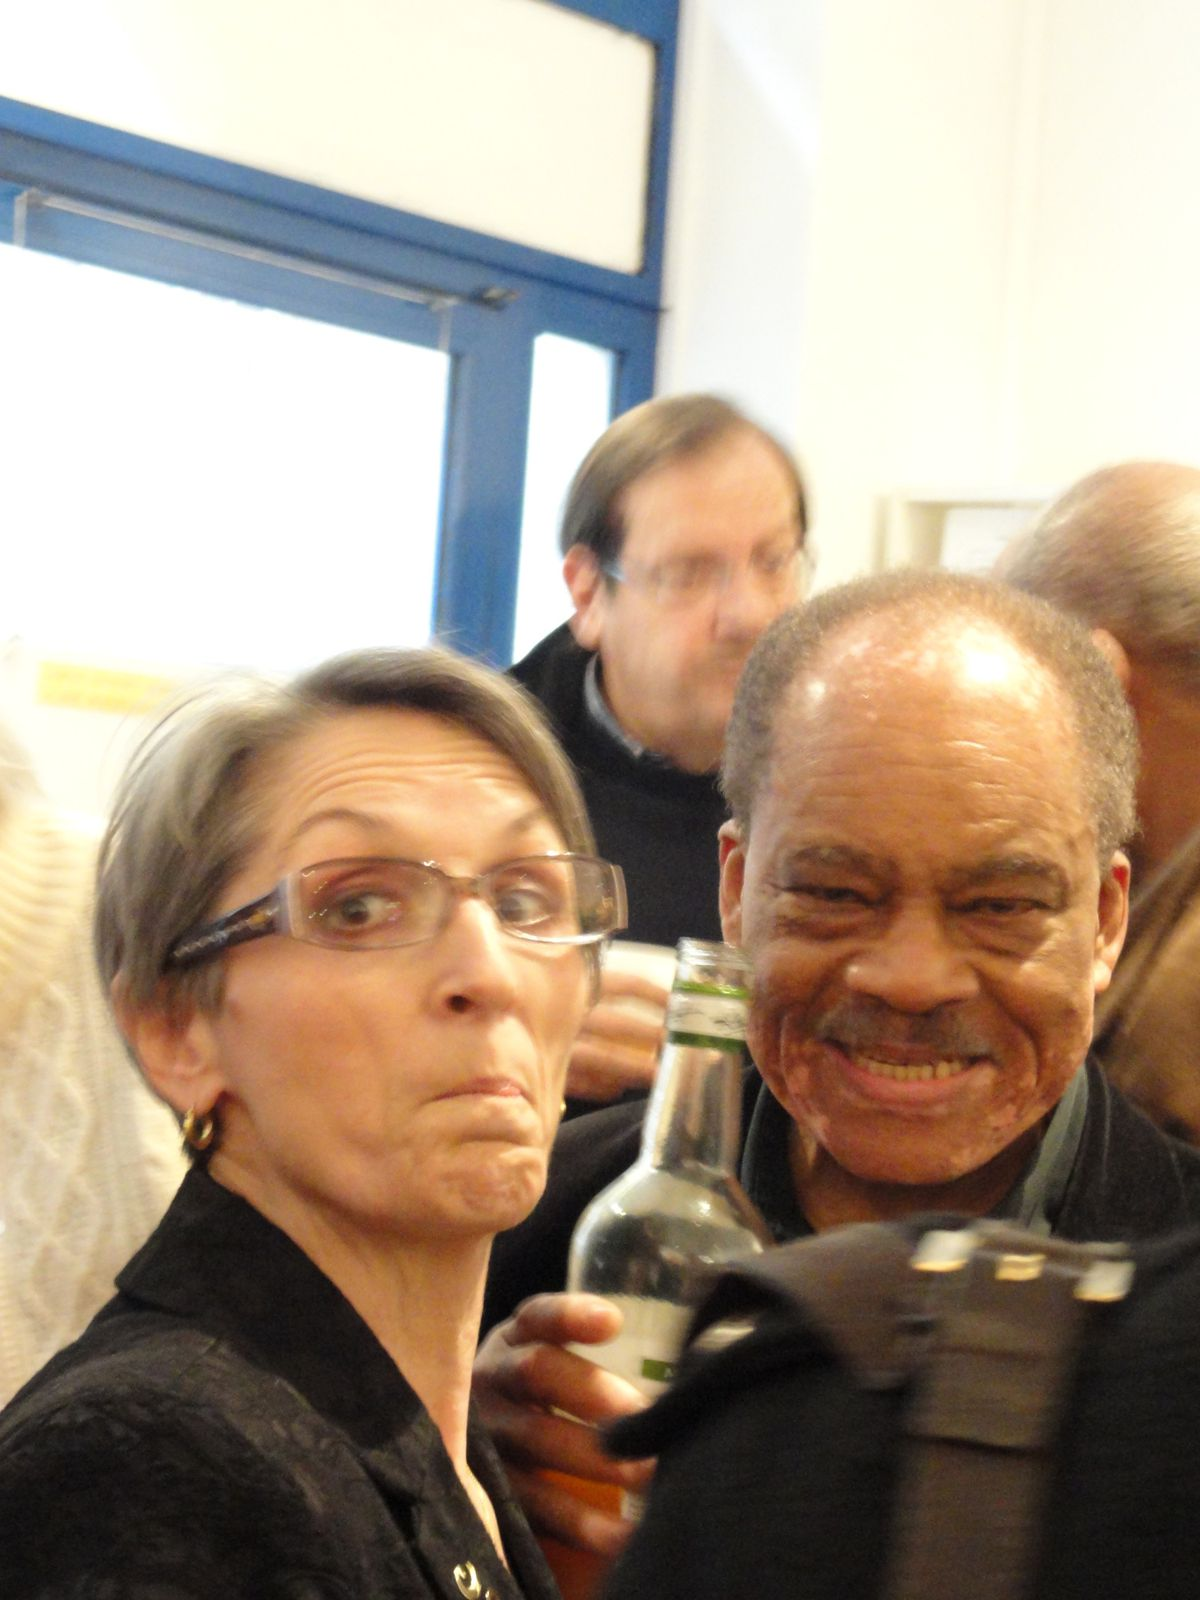 Magnifique exposition en duo avec Bernadette STERNE (peintre). L'Espace Mompezat nous a accuelli avec beaucoup de générosité, le vernissage était un temps fort, plein d'amitié .... merci à tous les amis qui se sont déplacés pour le vernissage et tout au long de l'expo. Merci à Michel BENARD (Directeur artistique de l'Espace Mompezat) pour sa disponibilité et son altruisme .... nouvelles rencontres riches d'amitié tant avec Michel que Bernadette  !!!!